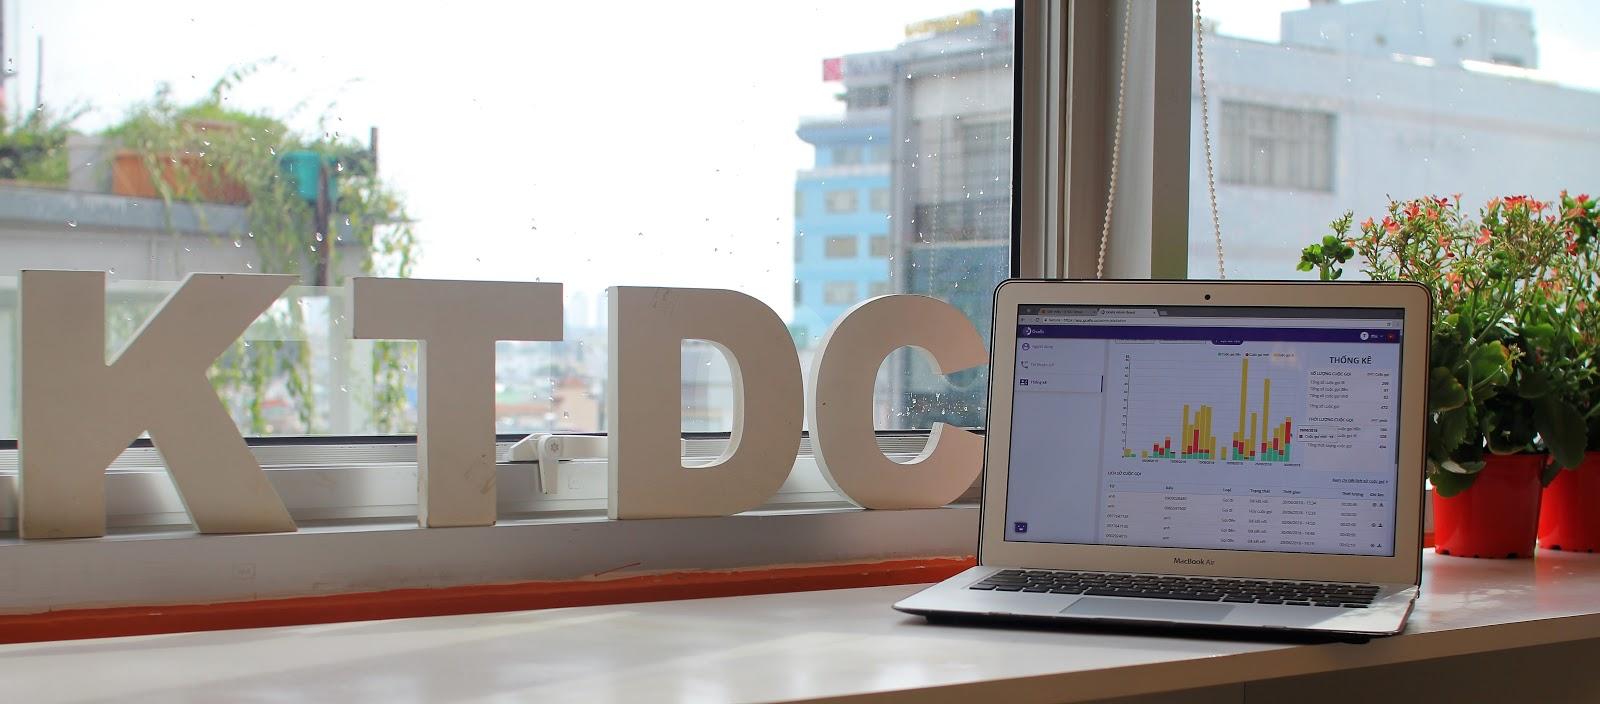 hình 2 - giao diện Thống kê của trang Admin tài khoản ở KTDC